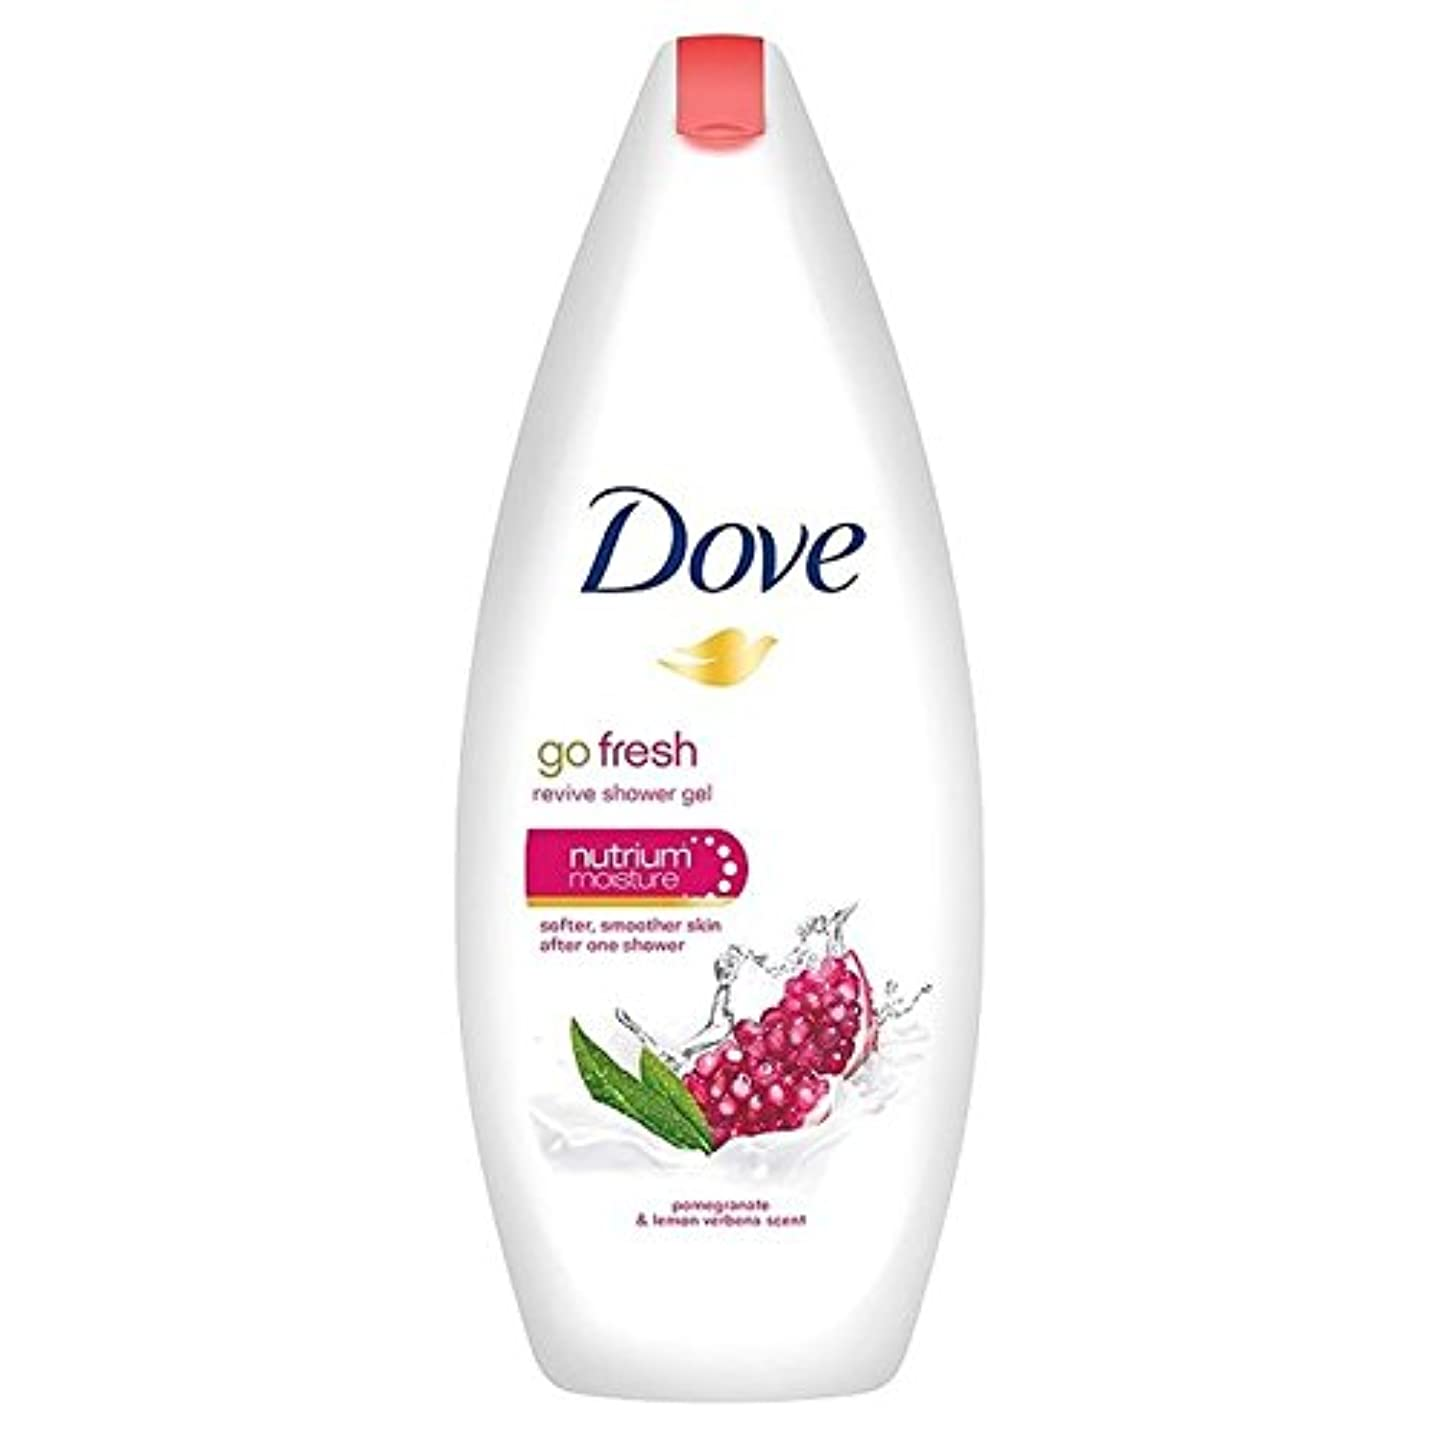 現実的殉教者最大限Dove Go Fresh Pomegranate Body Wash 250ml (Pack of 6) - 鳩は、新鮮なザクロボディウォッシュ250ミリリットルを行きます x6 [並行輸入品]